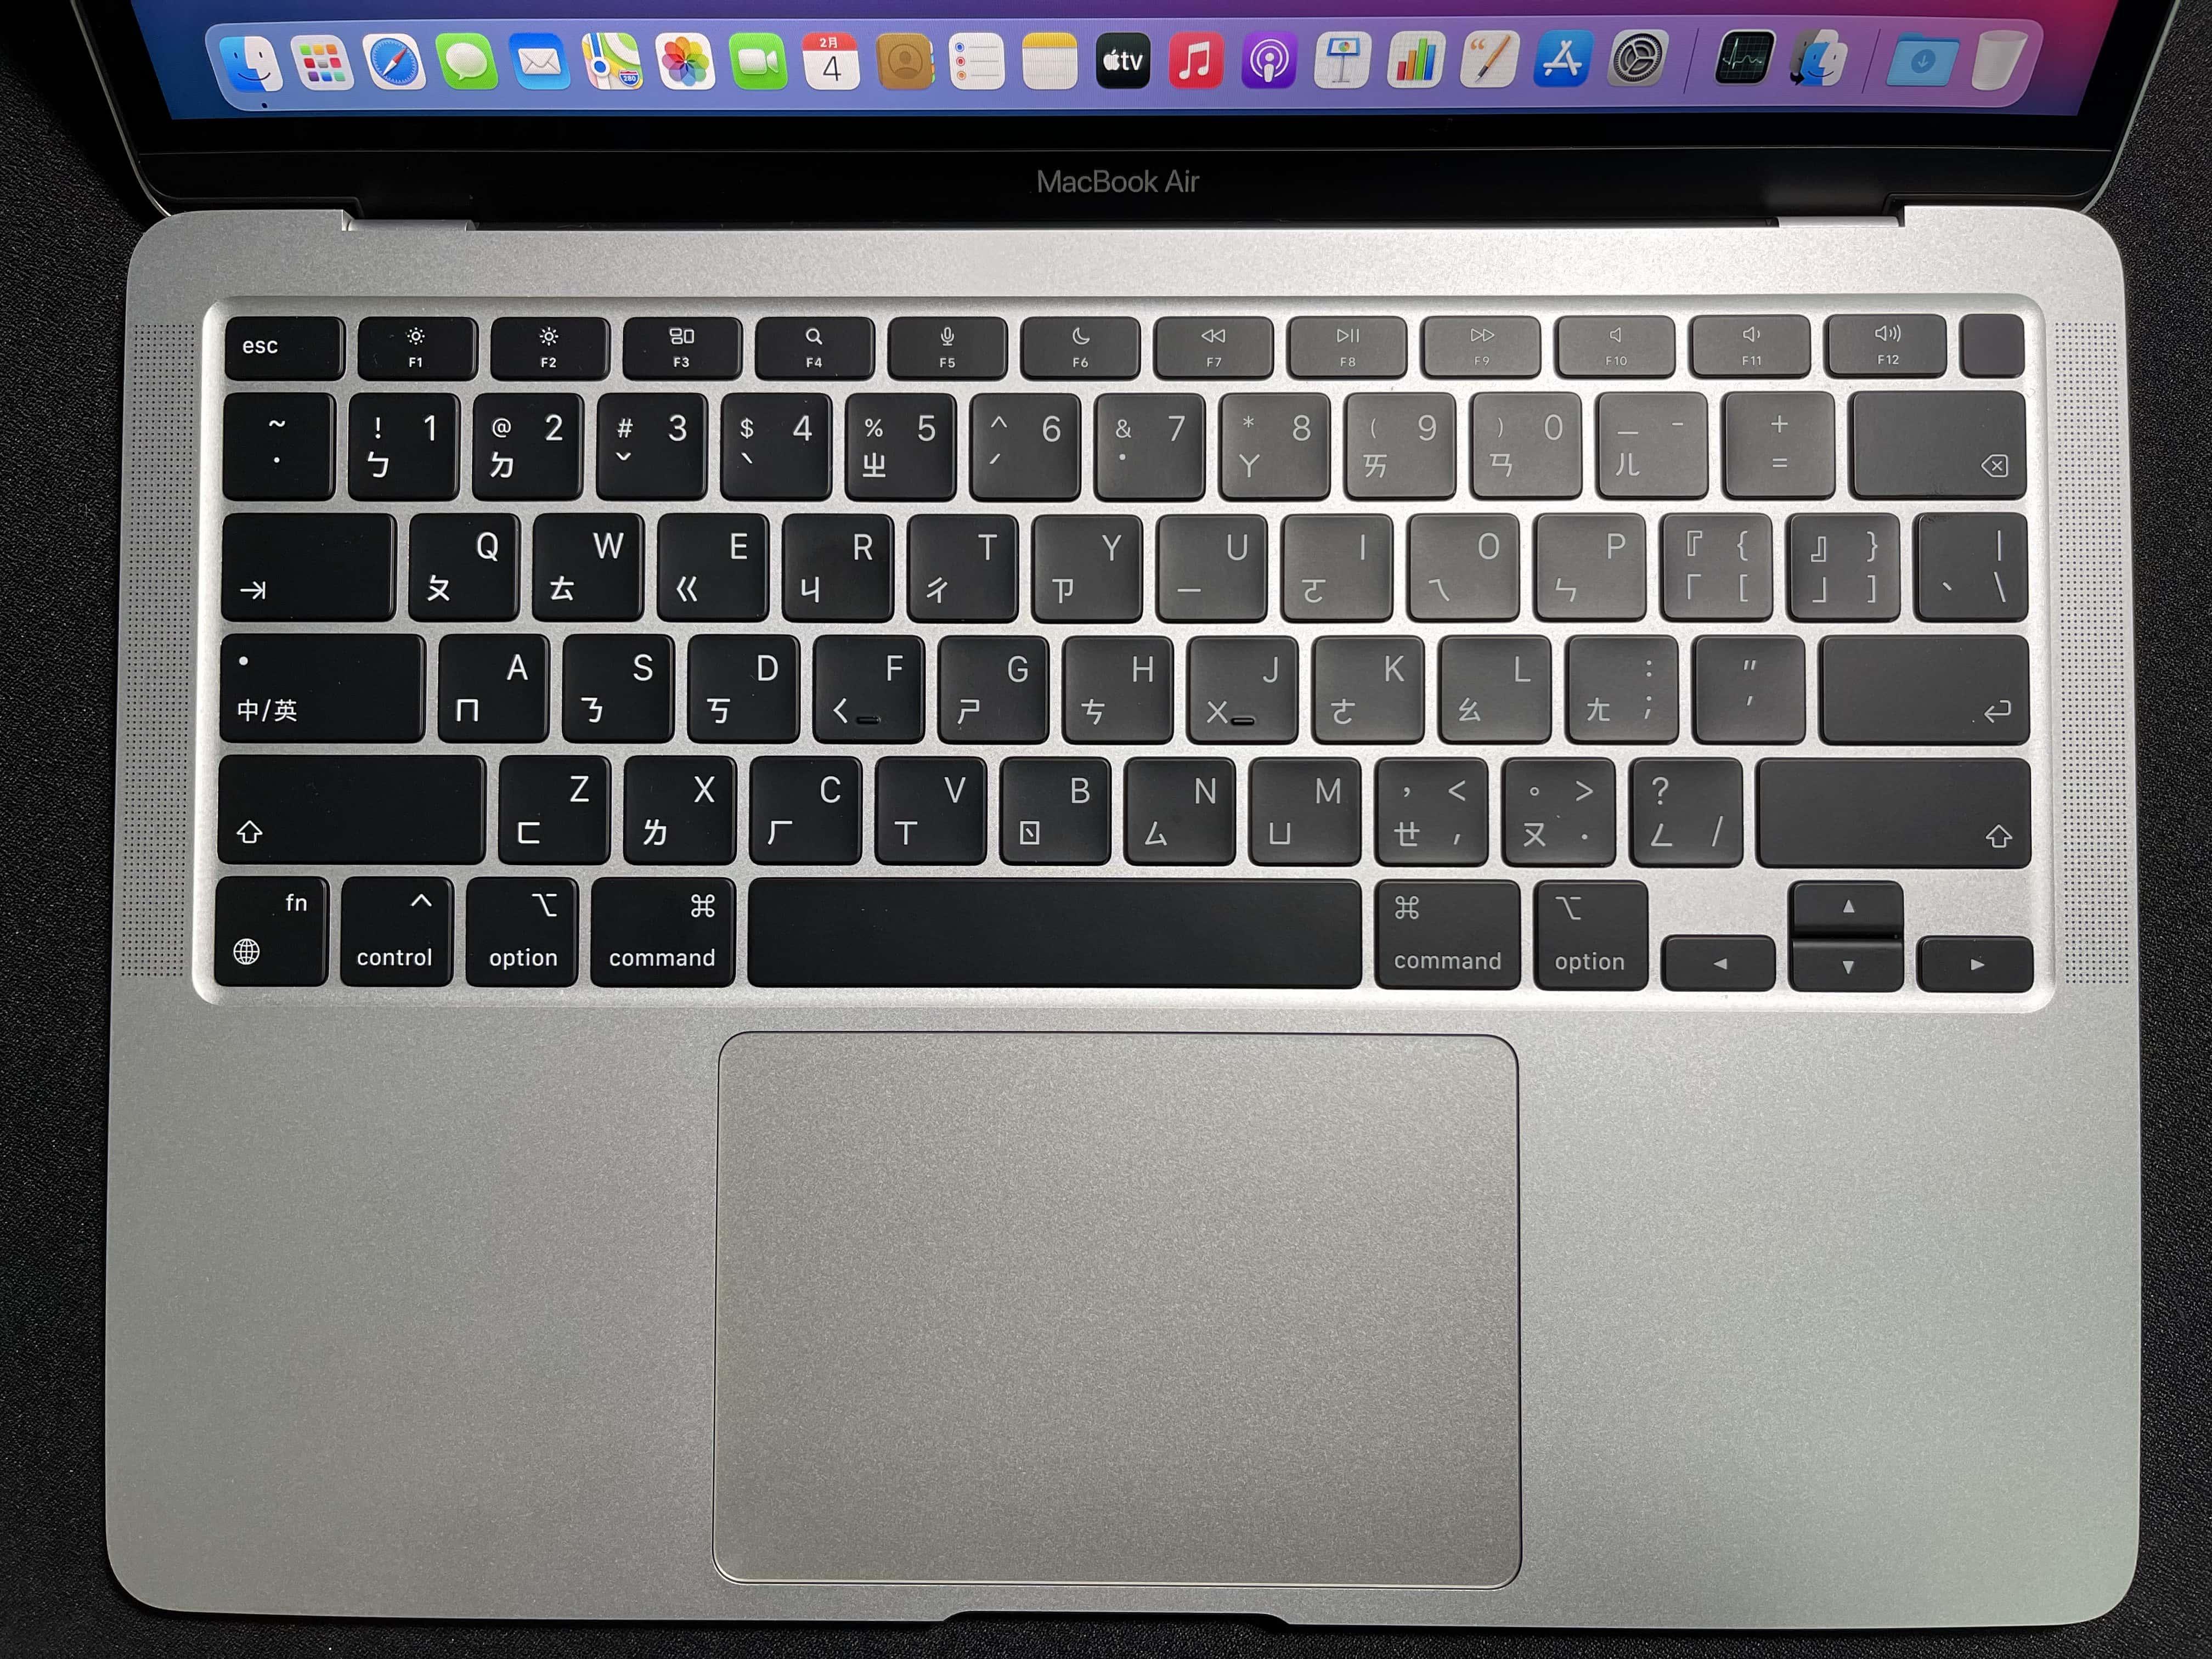 開箱評測 2020 Macbook Air M1 M1 CPU的暴力美學 無風扇設計超安靜 27